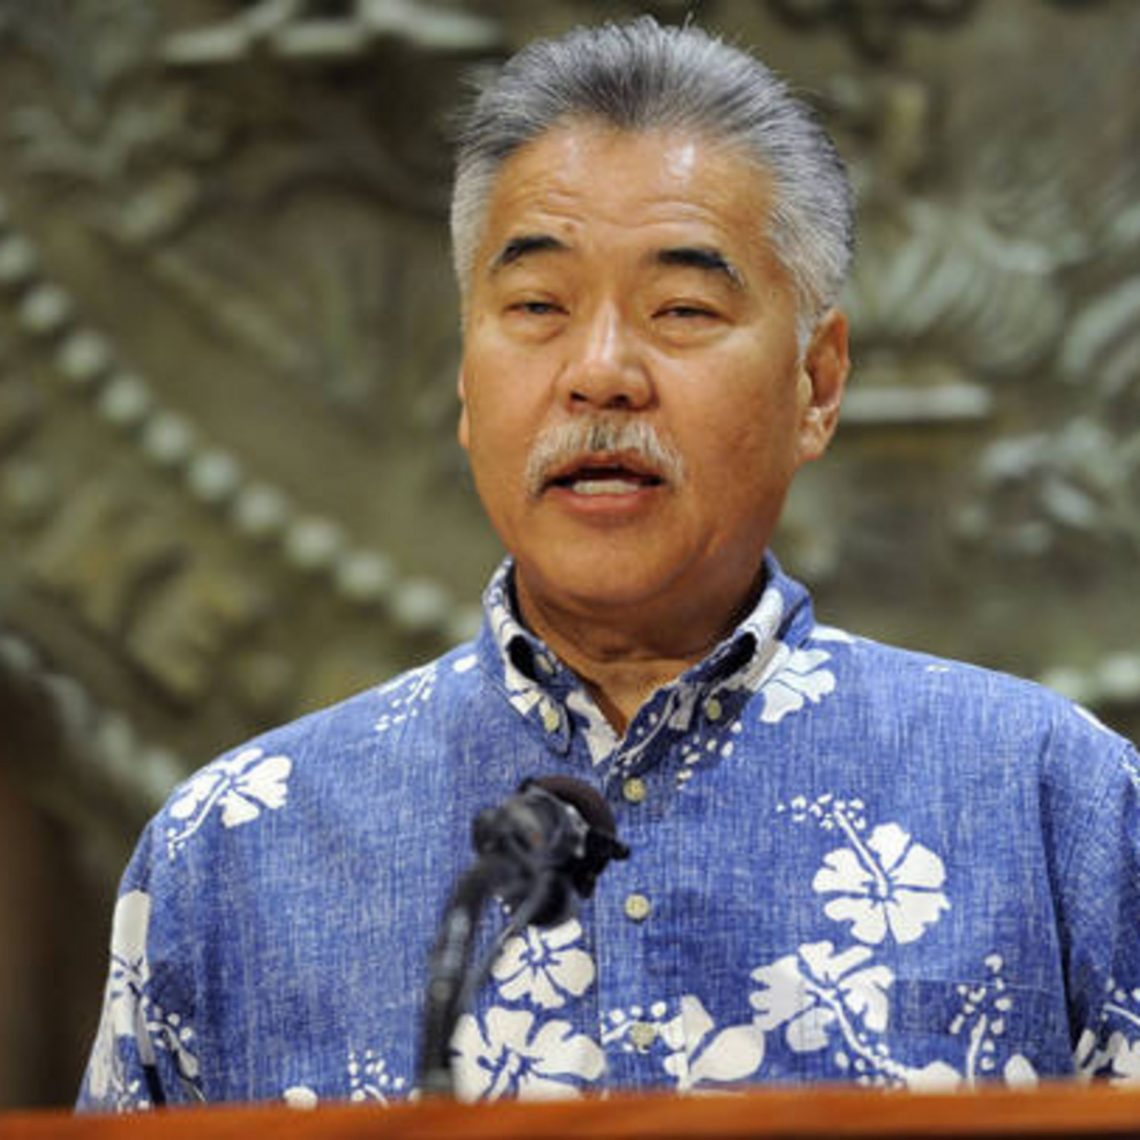 Hawaii dia mizotra amin'ny toe-javatra mahatsiravina amin'ny COVID-19